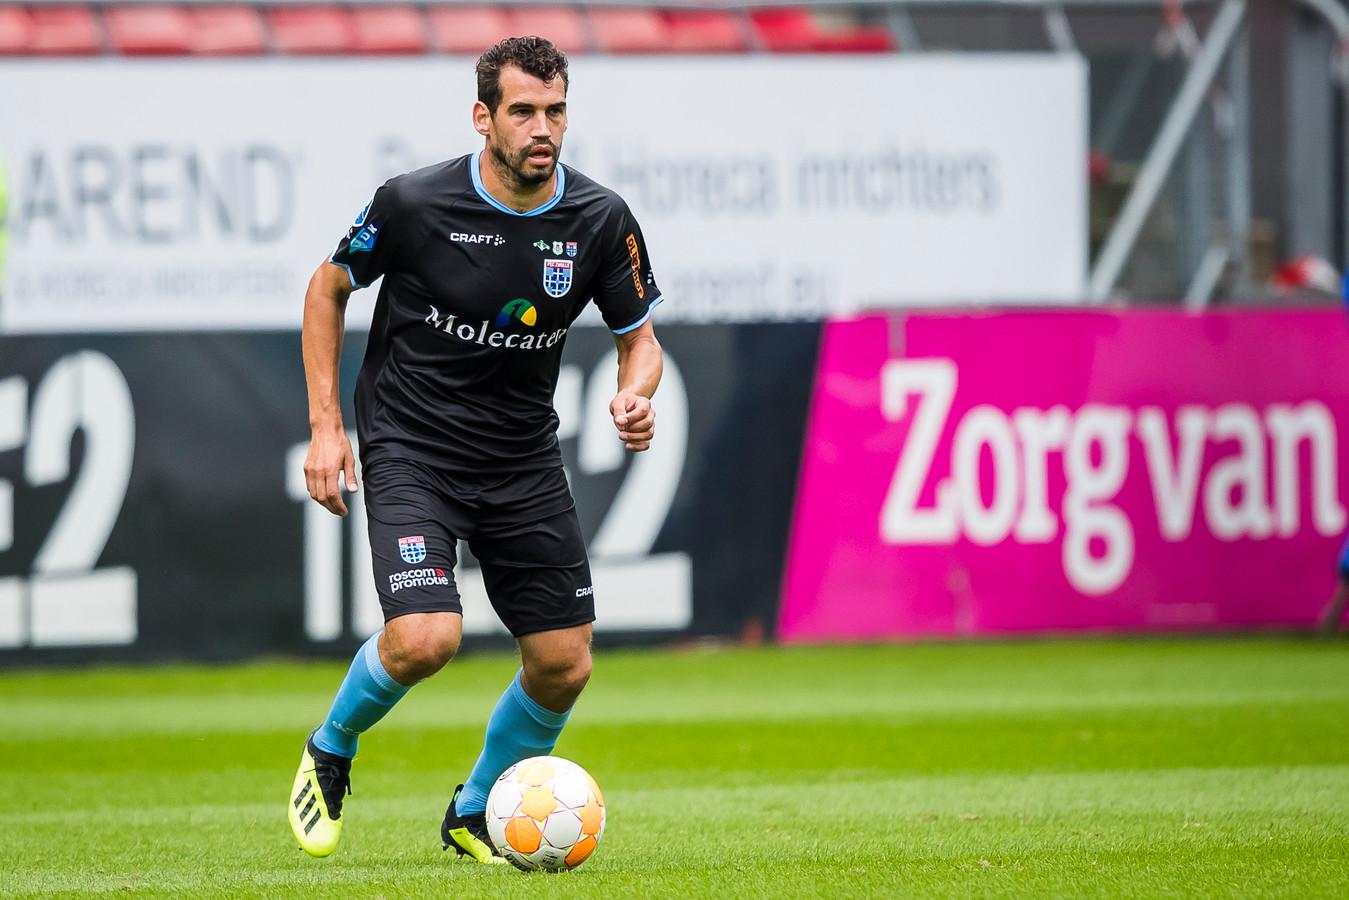 UTRECHT, FC Utrecht - PEC Zwolle, football, Eredivisie, season 2018-2019, 19-08-2018, Stadium de Galgenwaard, PEC Zwolle player Dirk Marcellis